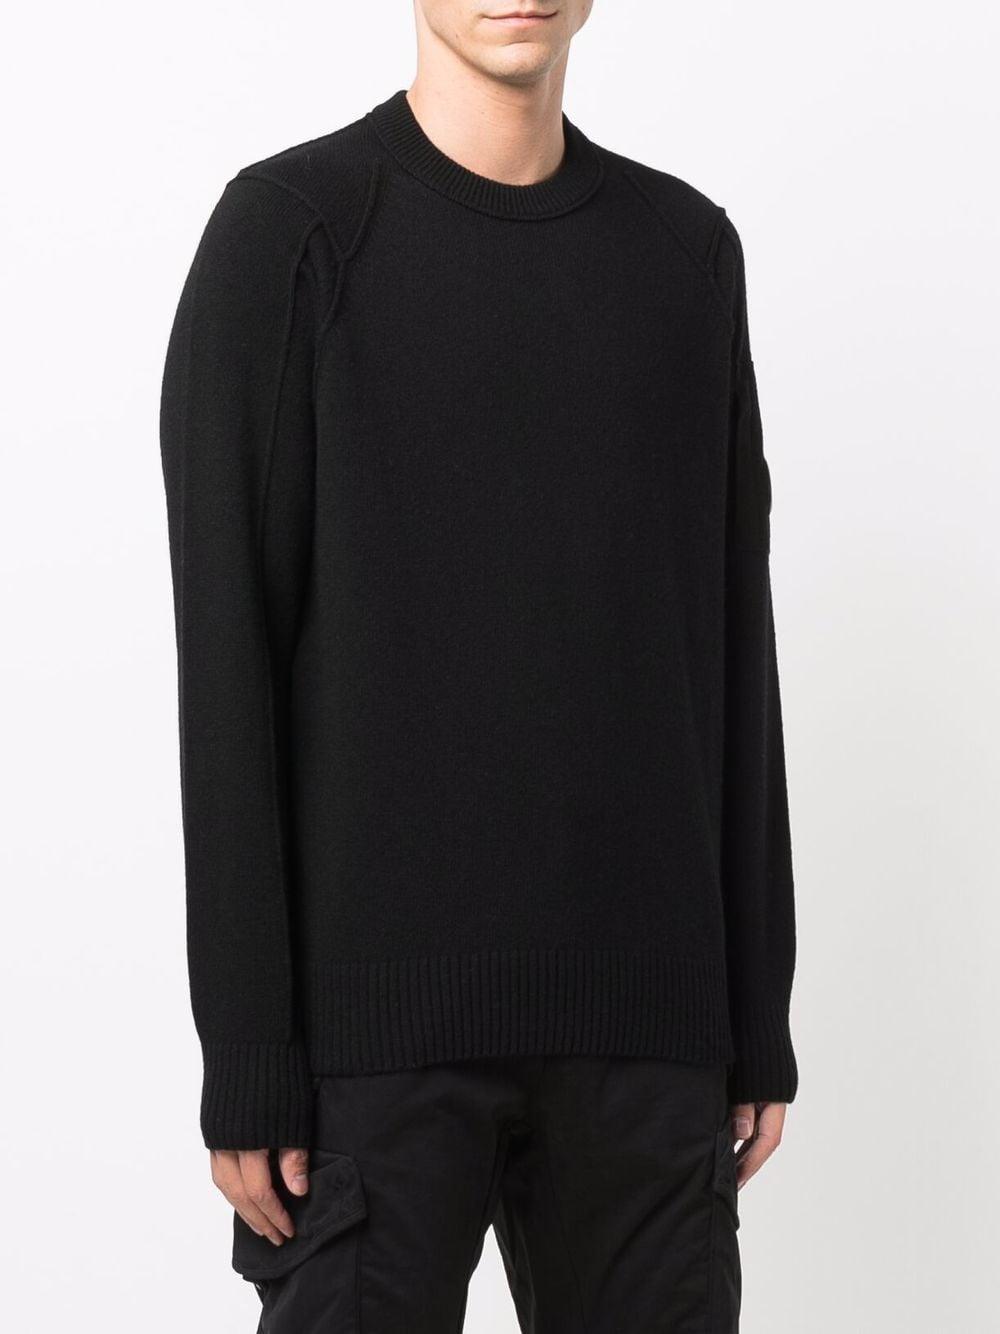 maglione in lana uomo nero C.P. COMPANY   Maglieria   11CMKN087A005504A999